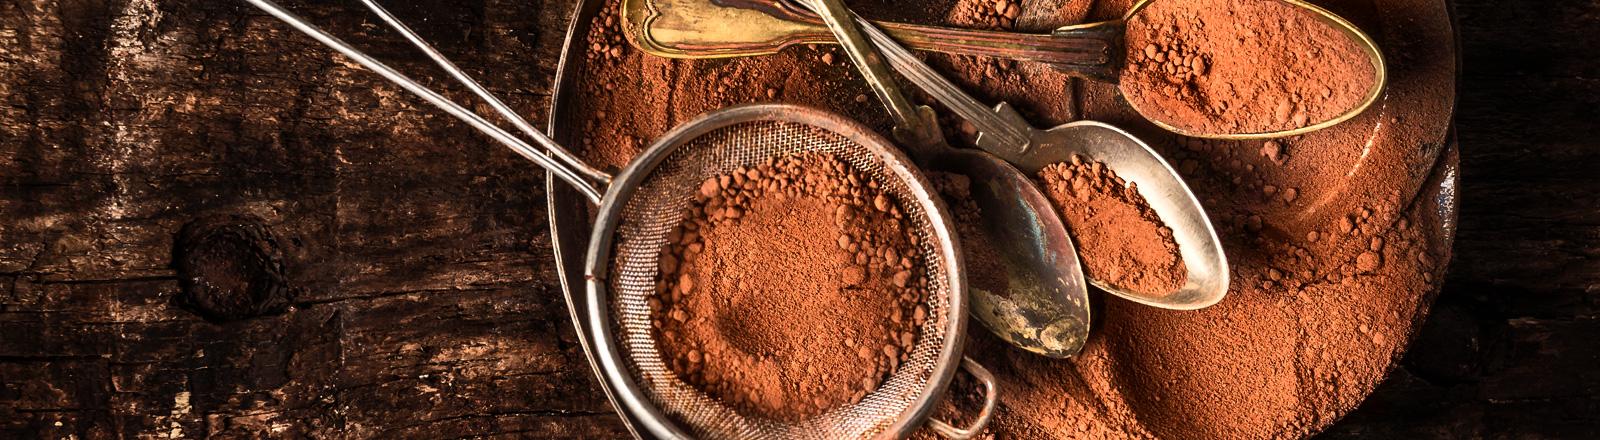 Kakao-Pulver in einer Schale.